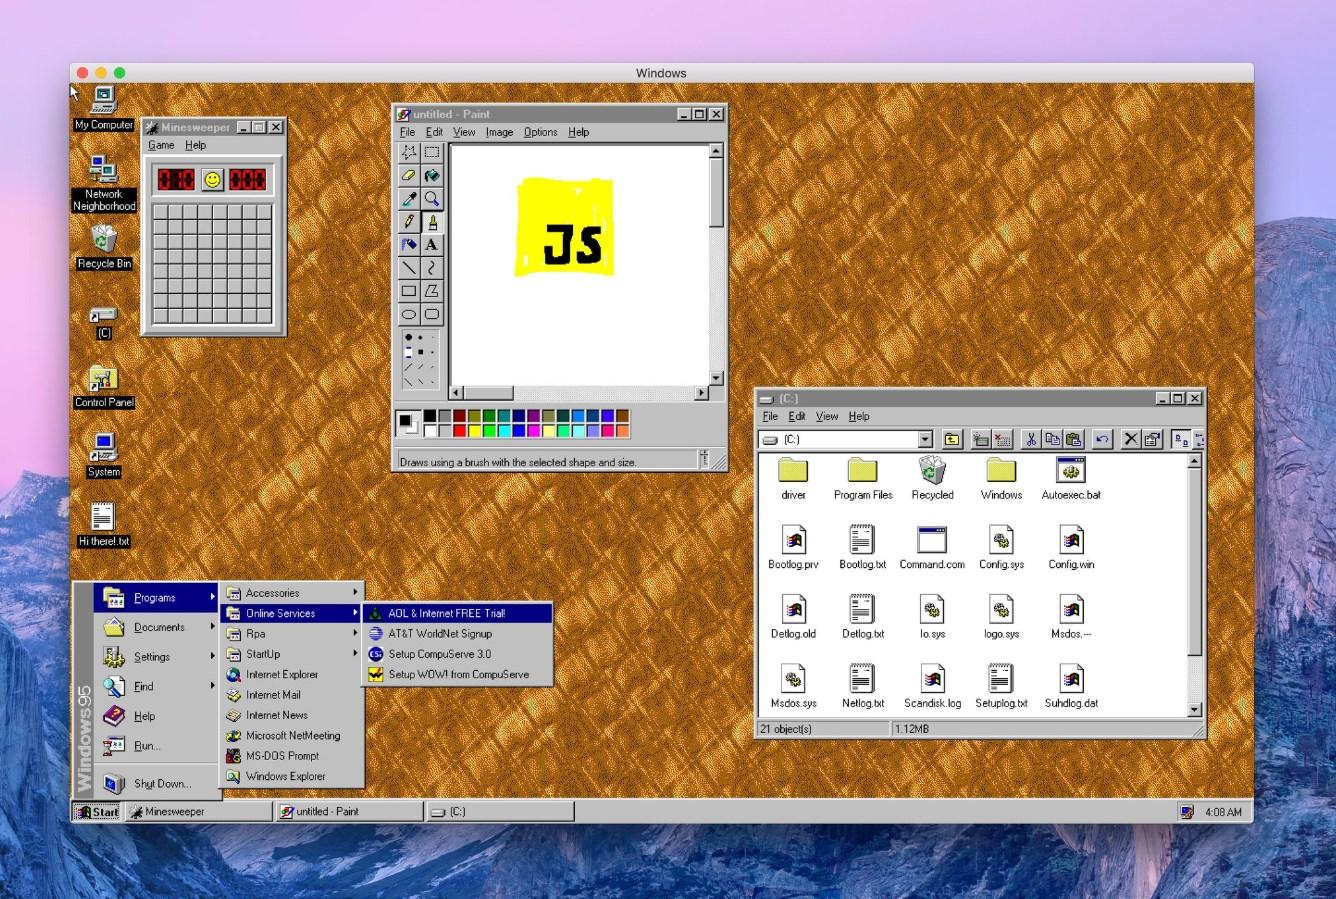 Windows 95 est de nouveau d'actualité grâce à une application